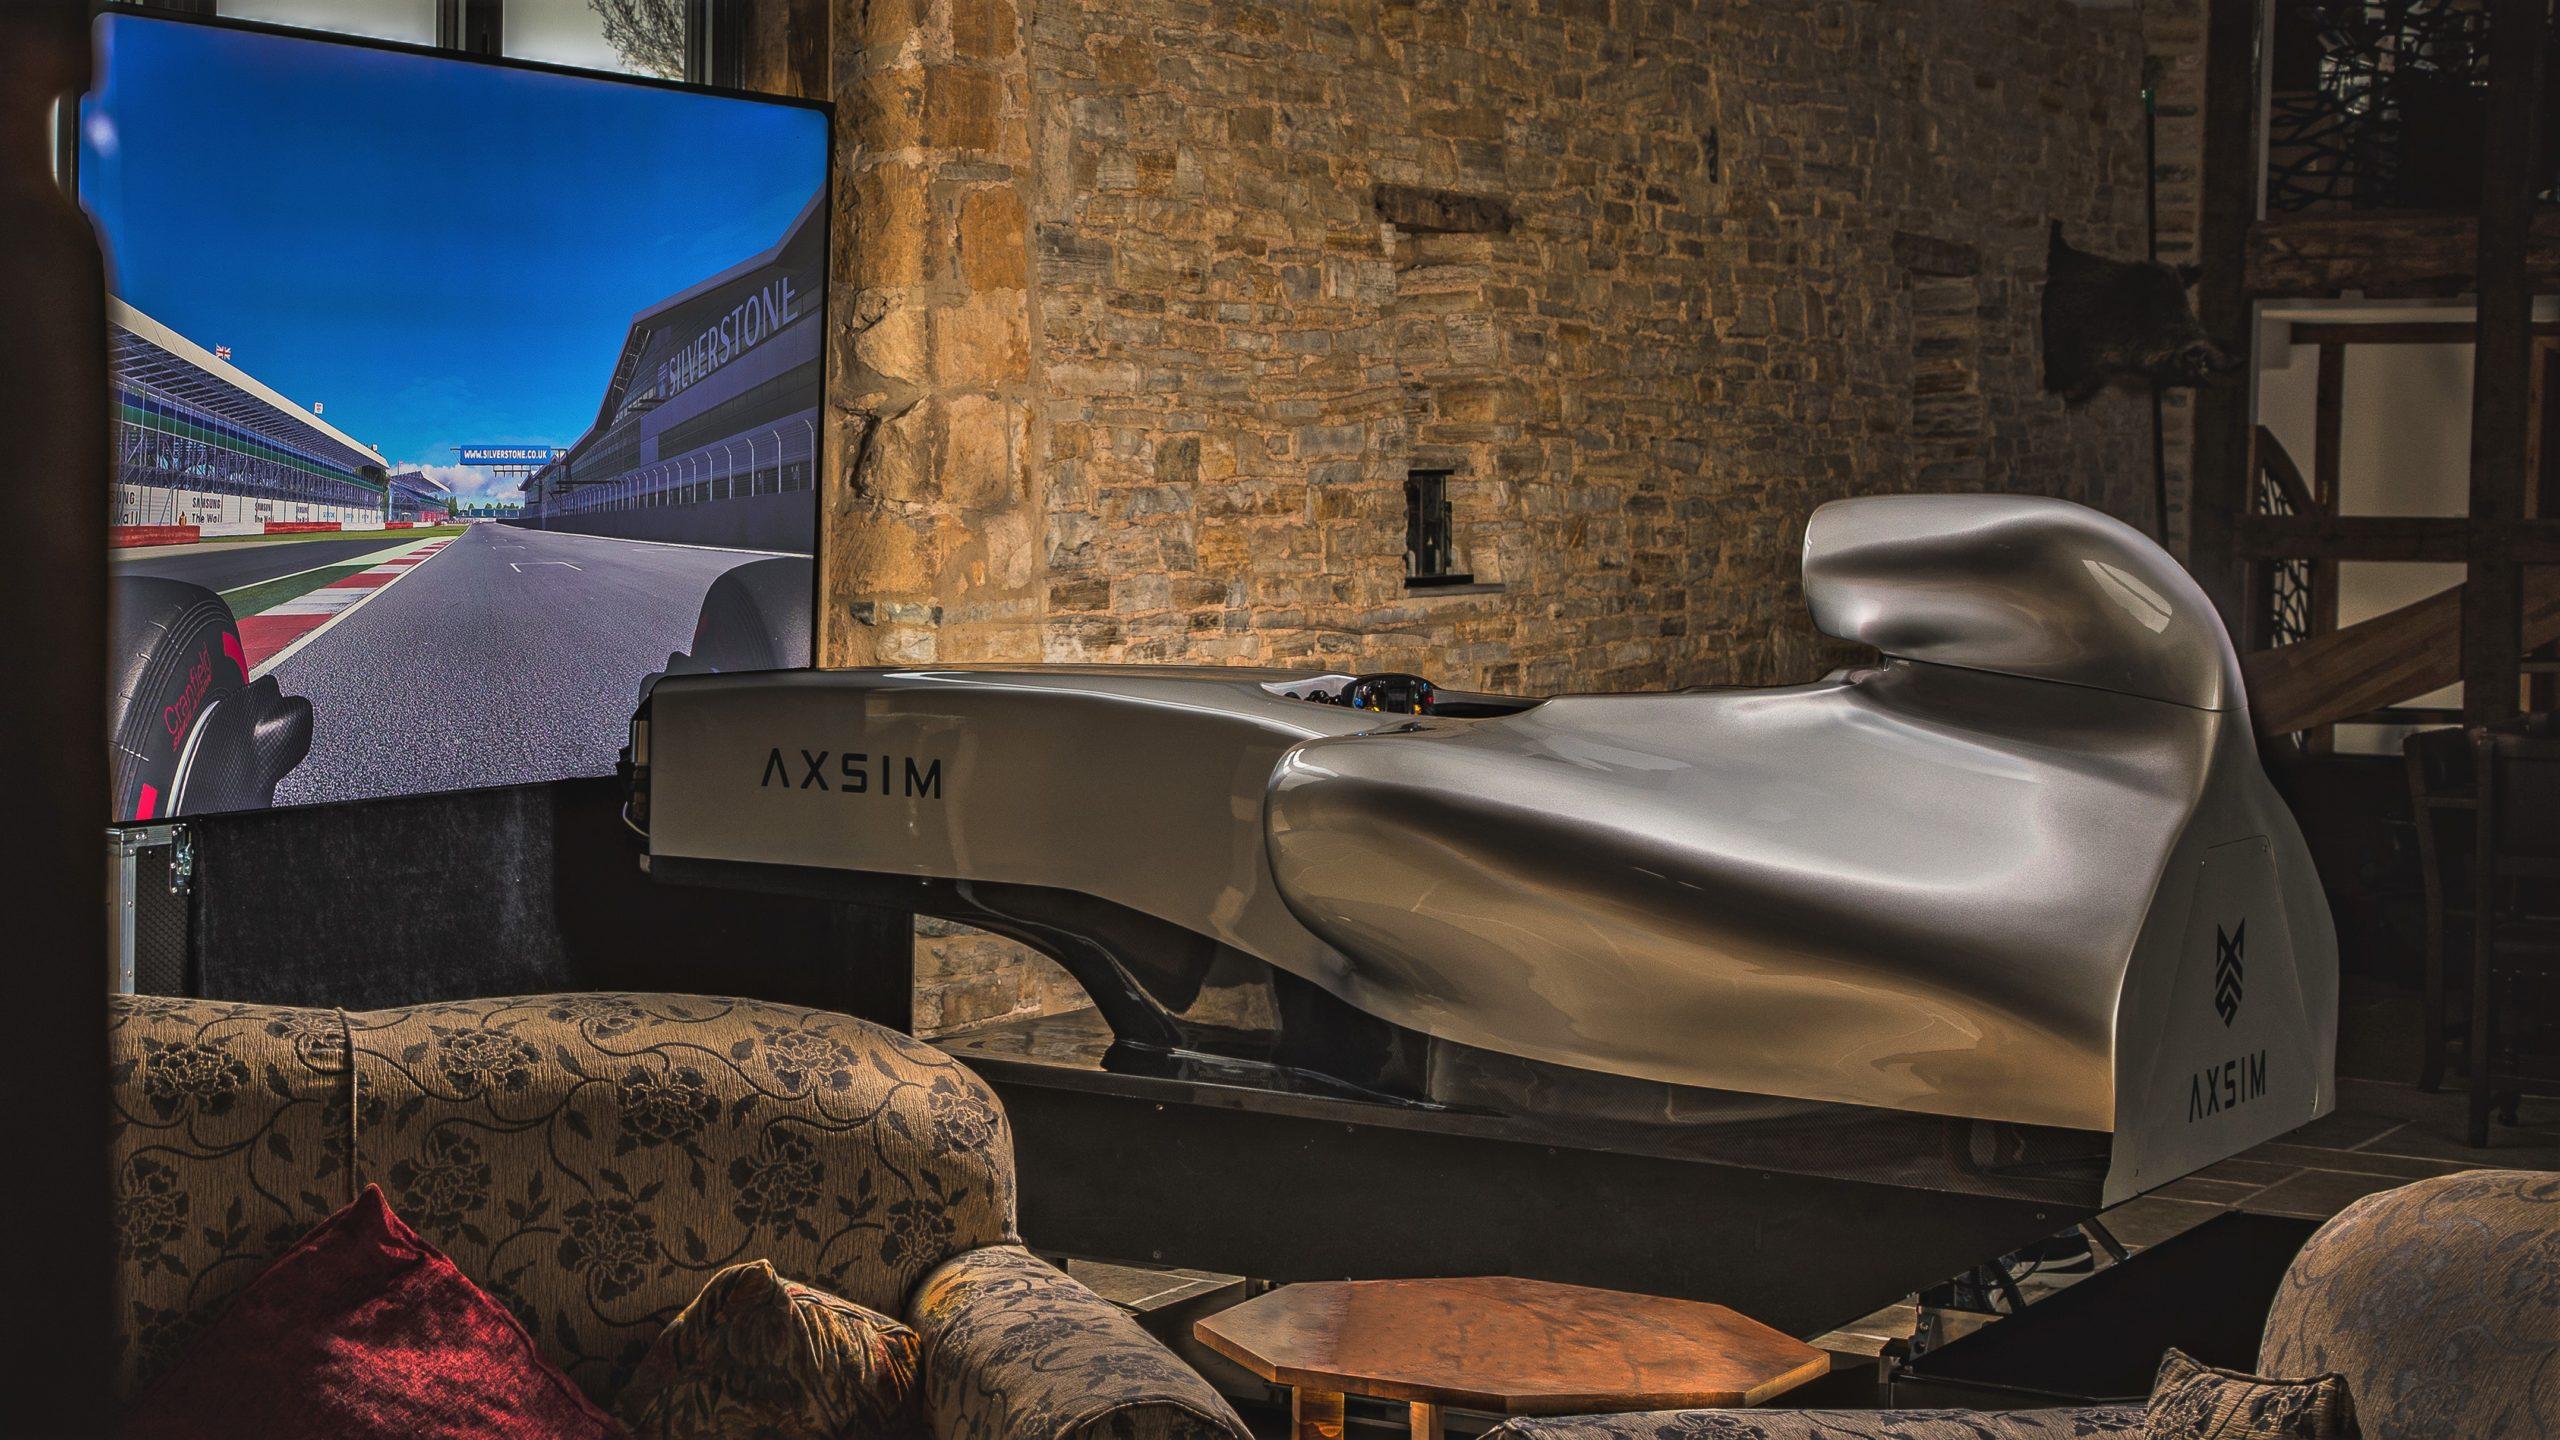 F1 Simulator home